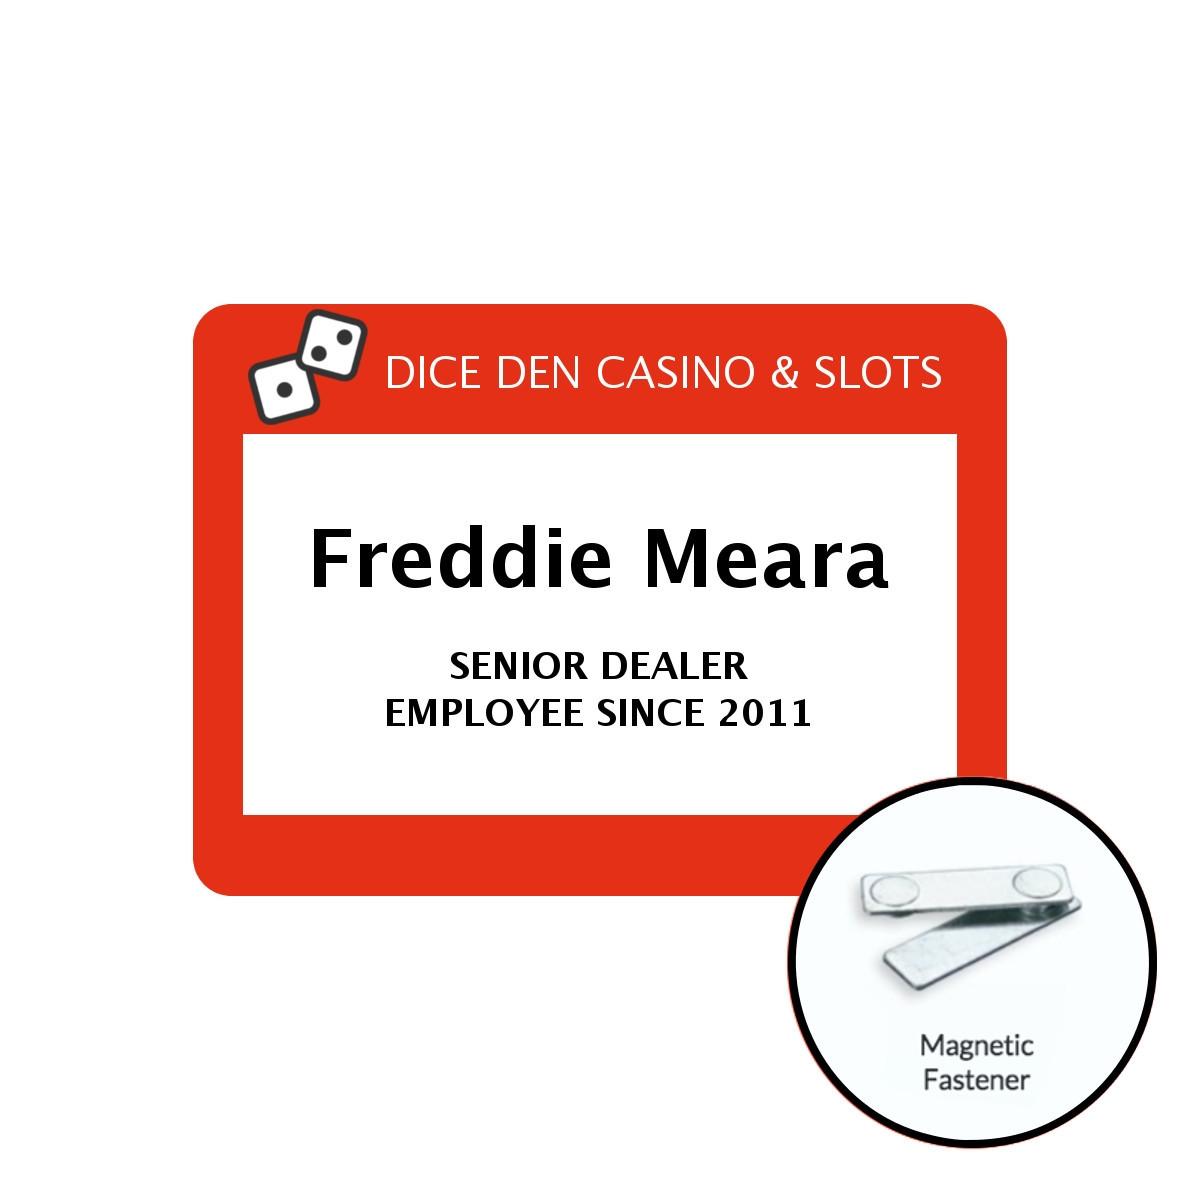 Multiline Mega Selfit Badge with Magnet